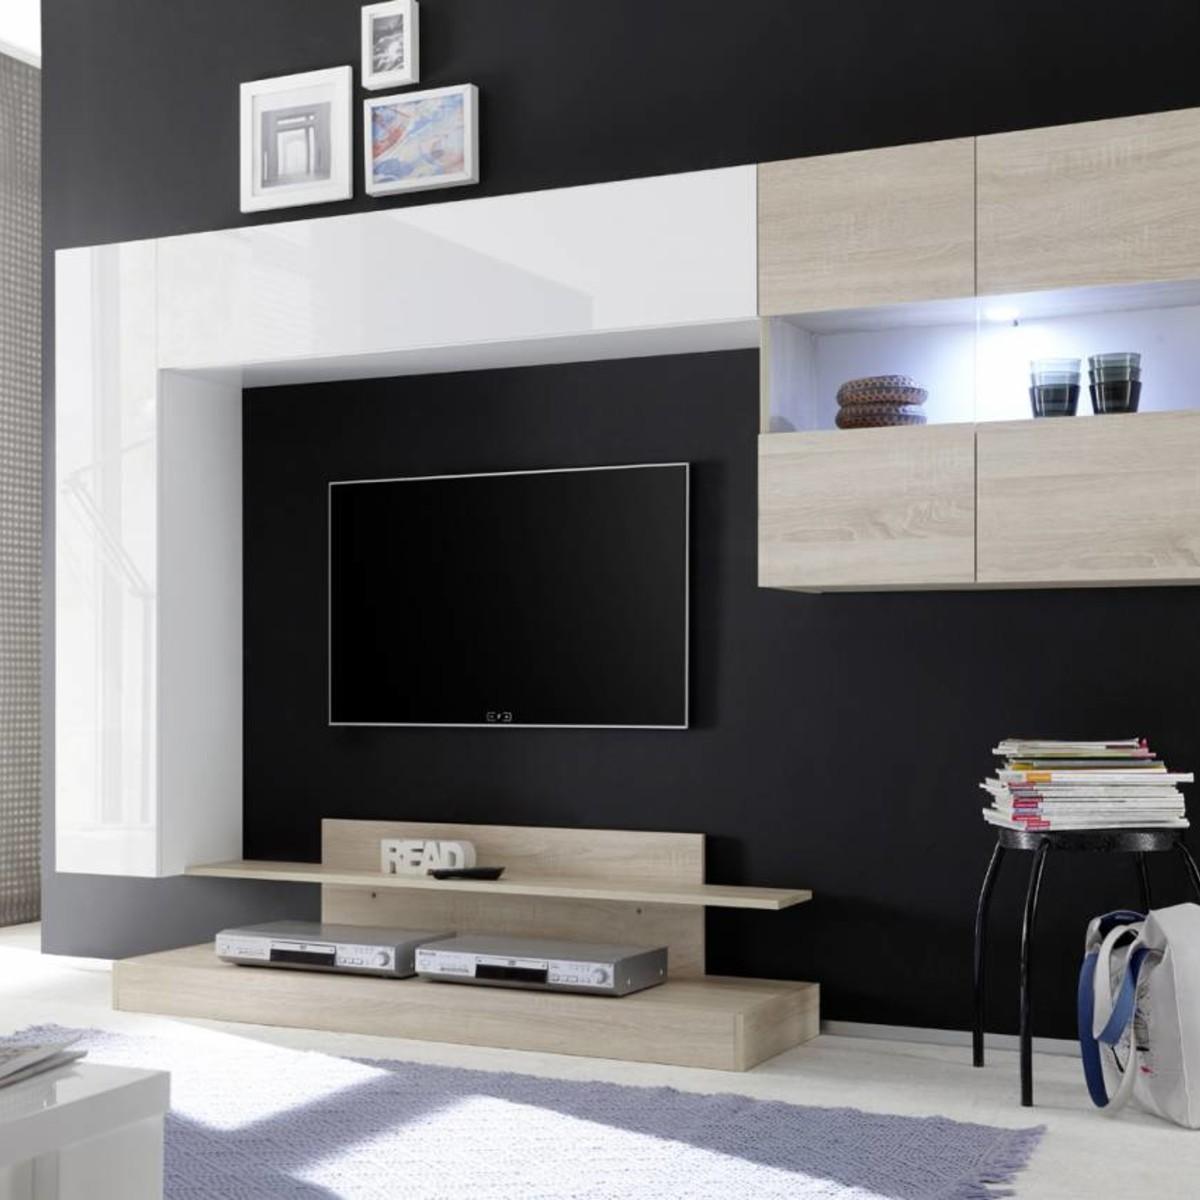 Flatscreen Audio Tv Meubel Design.Tv Audio Meubel Design Interesting Spectral With Tv Audio Meubel